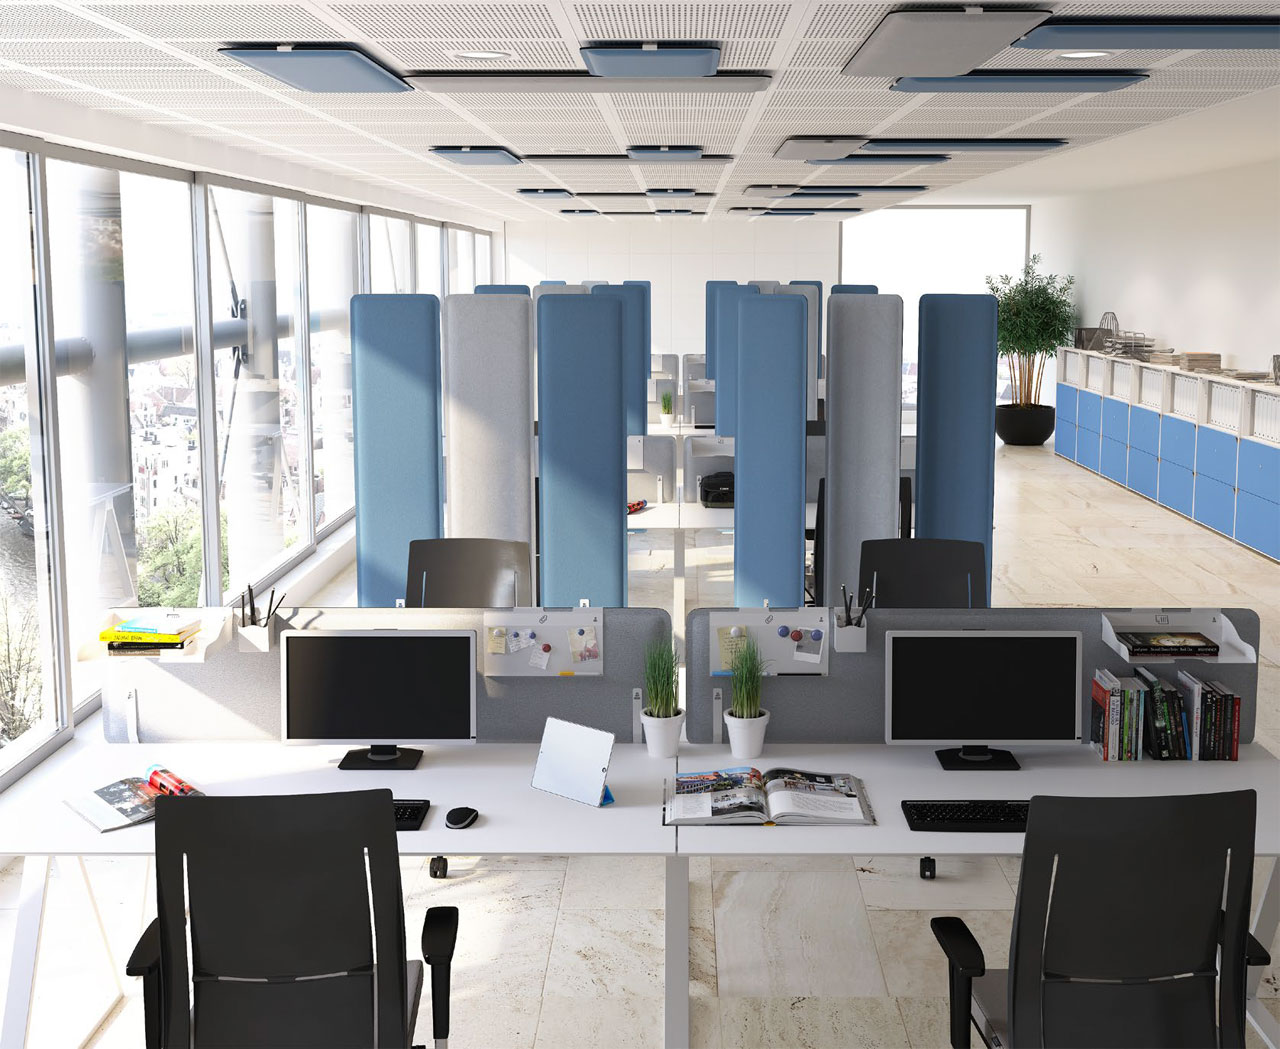 звукопоглощающие панели для потолка